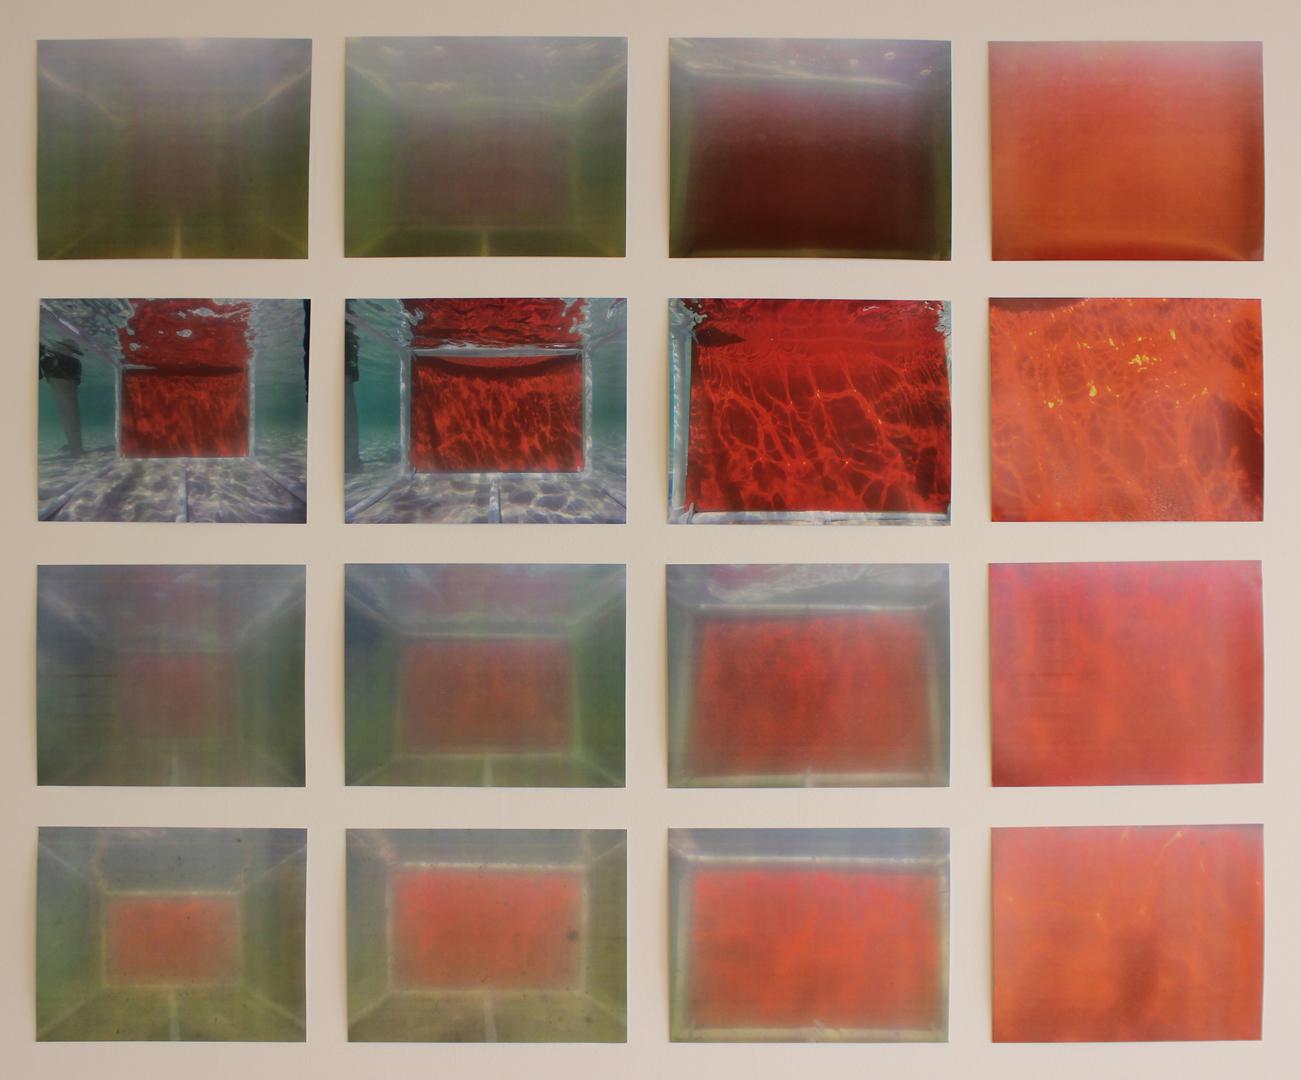 ©, Thomas Asmuth and Sara Gevurtz, Turbidity Paintings